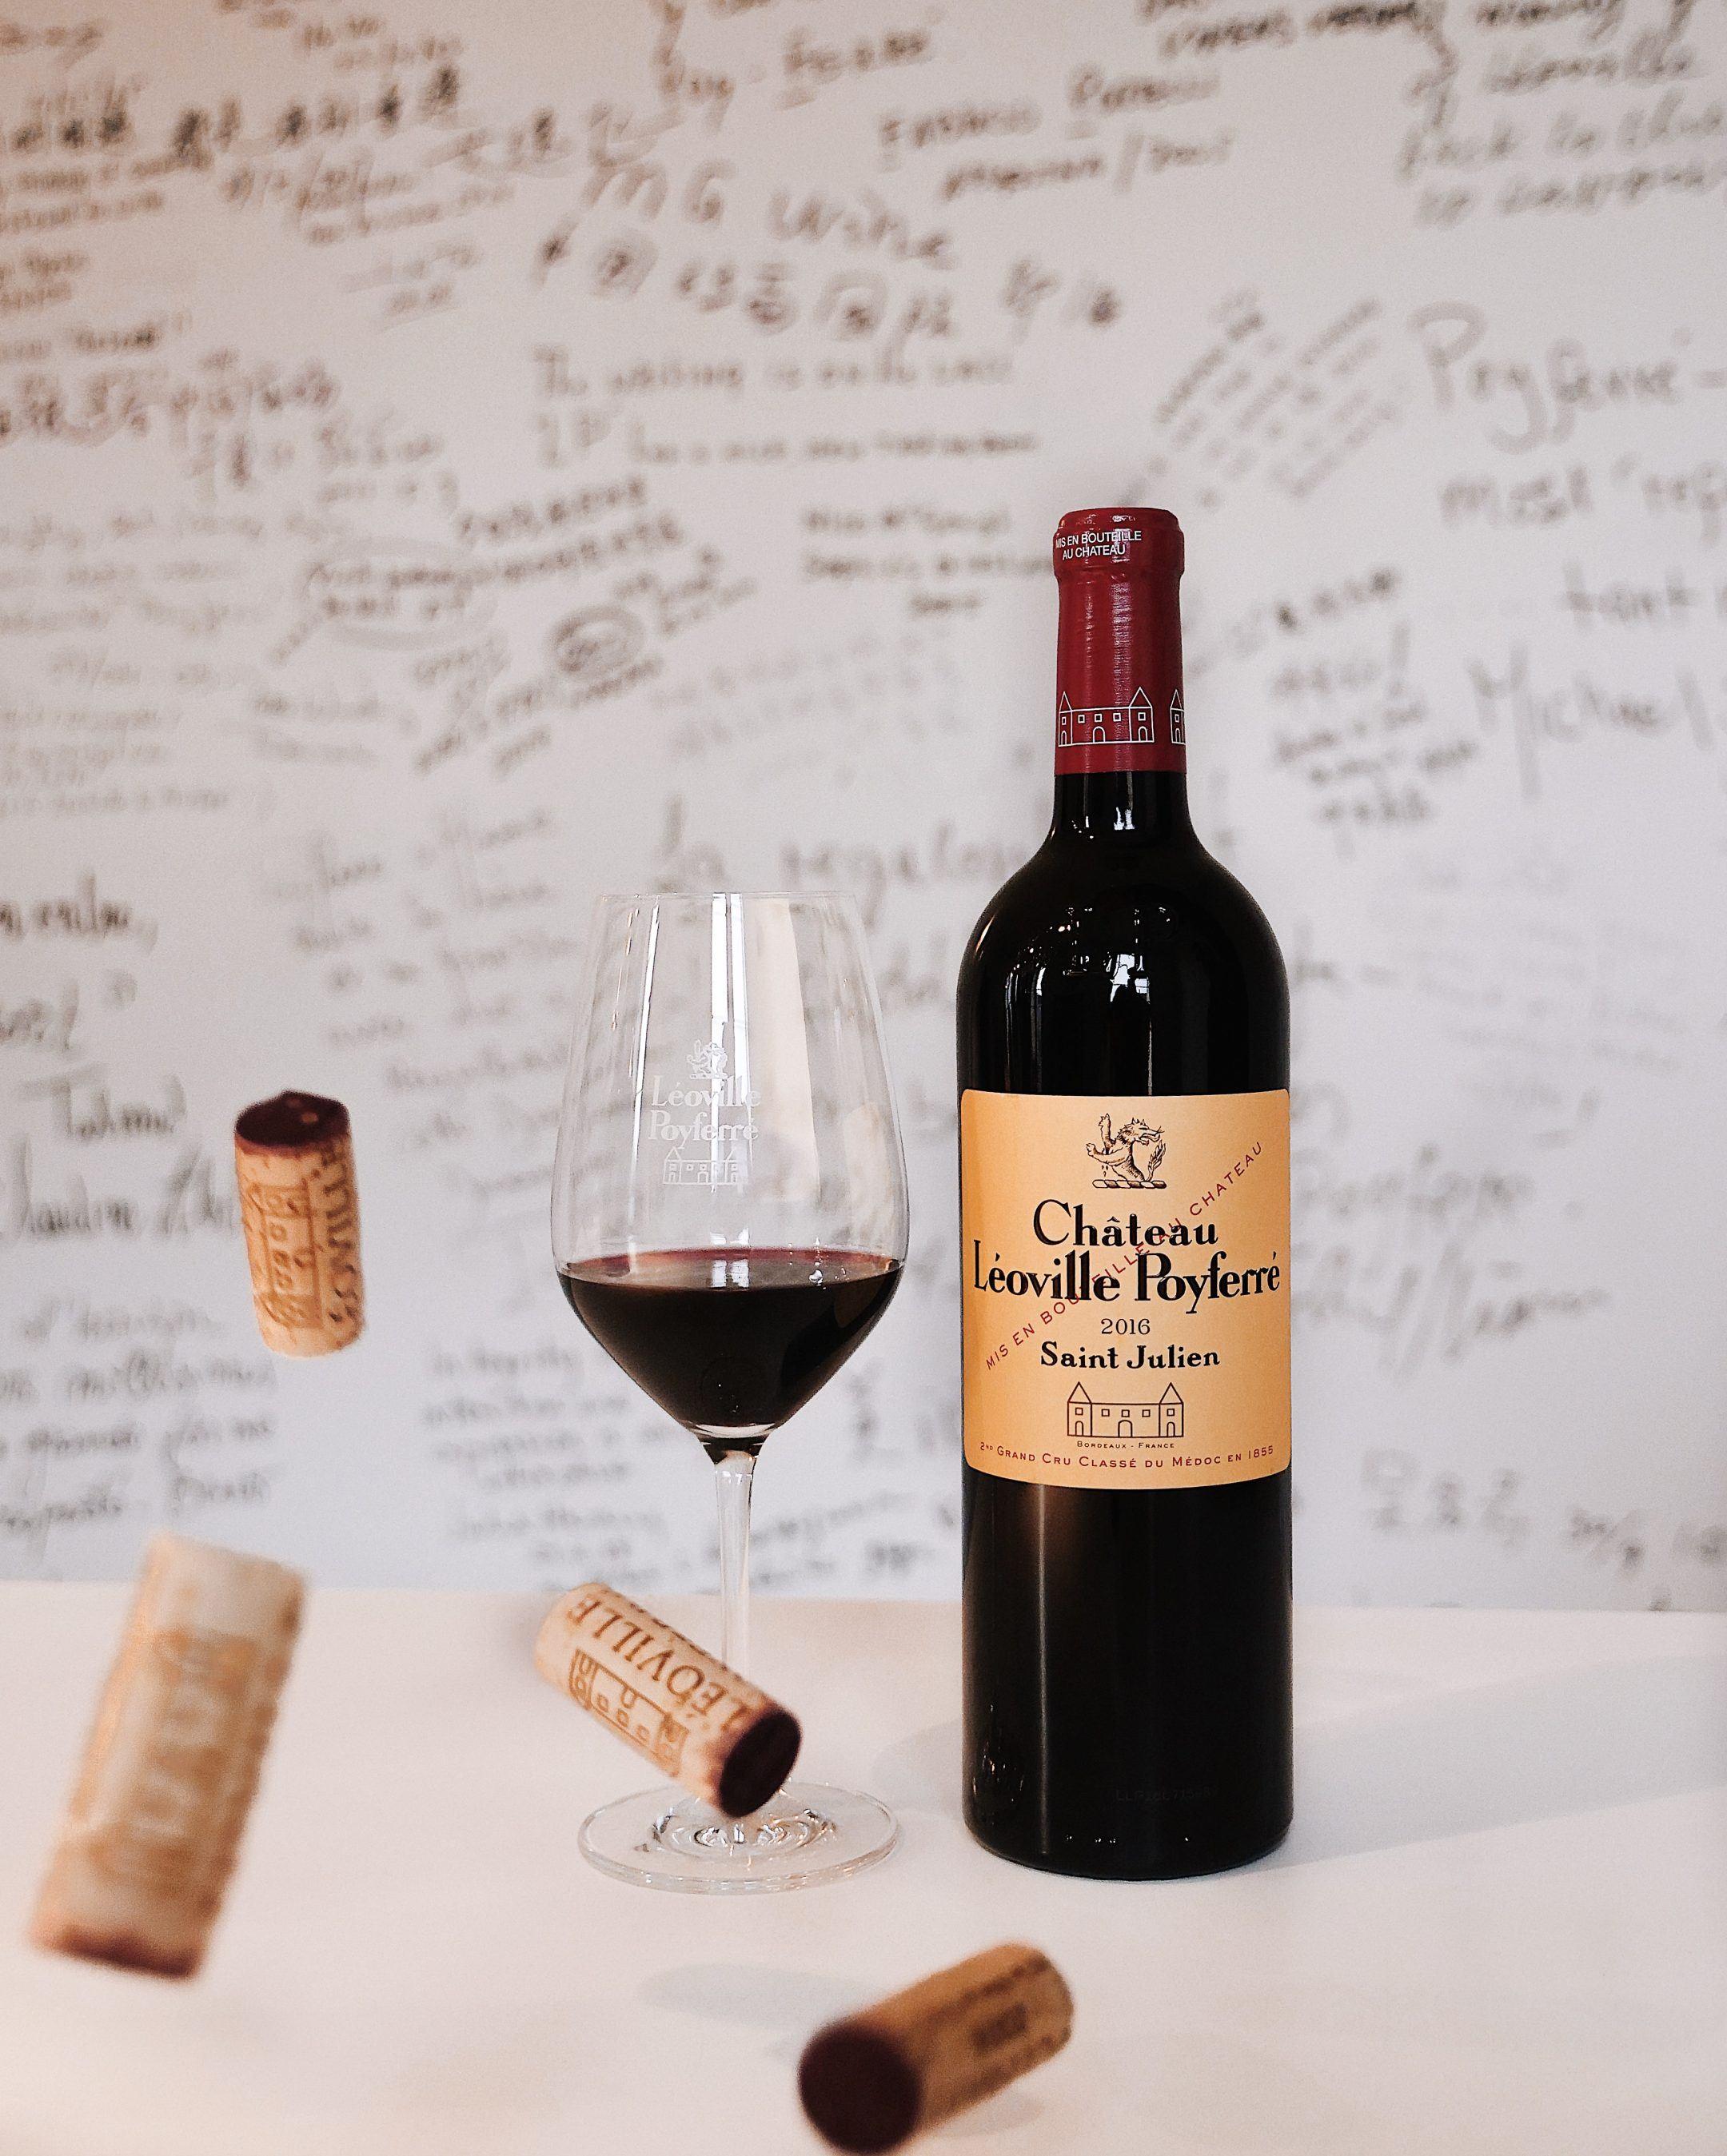 参观及品酒 - Léoville Poyferré